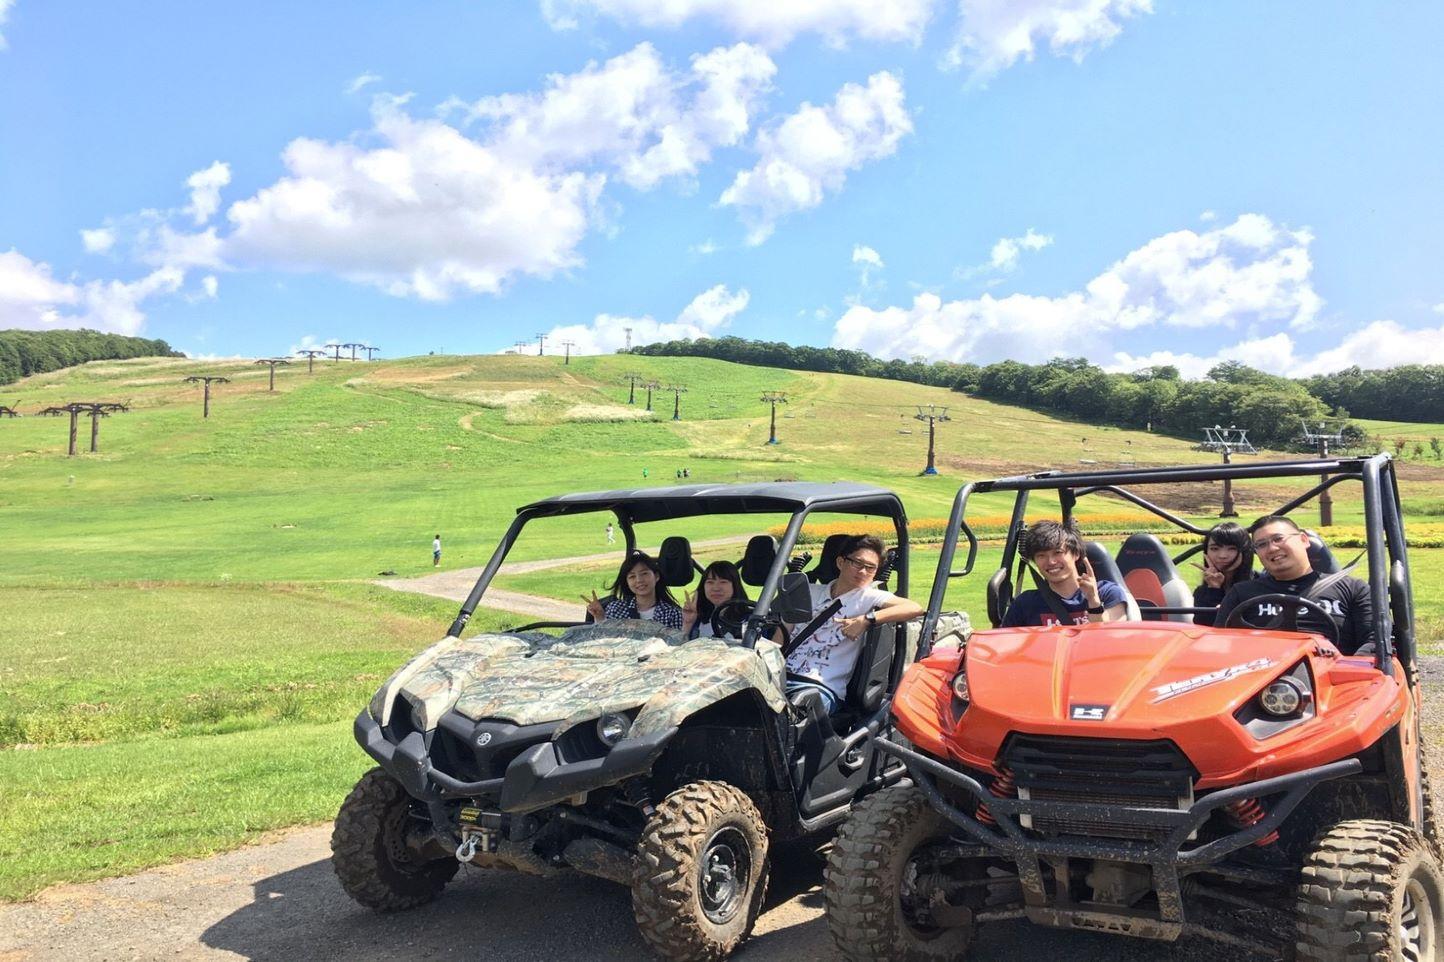 超爽快 郡上で暑さを吹き飛ばす避暑地巡りコース